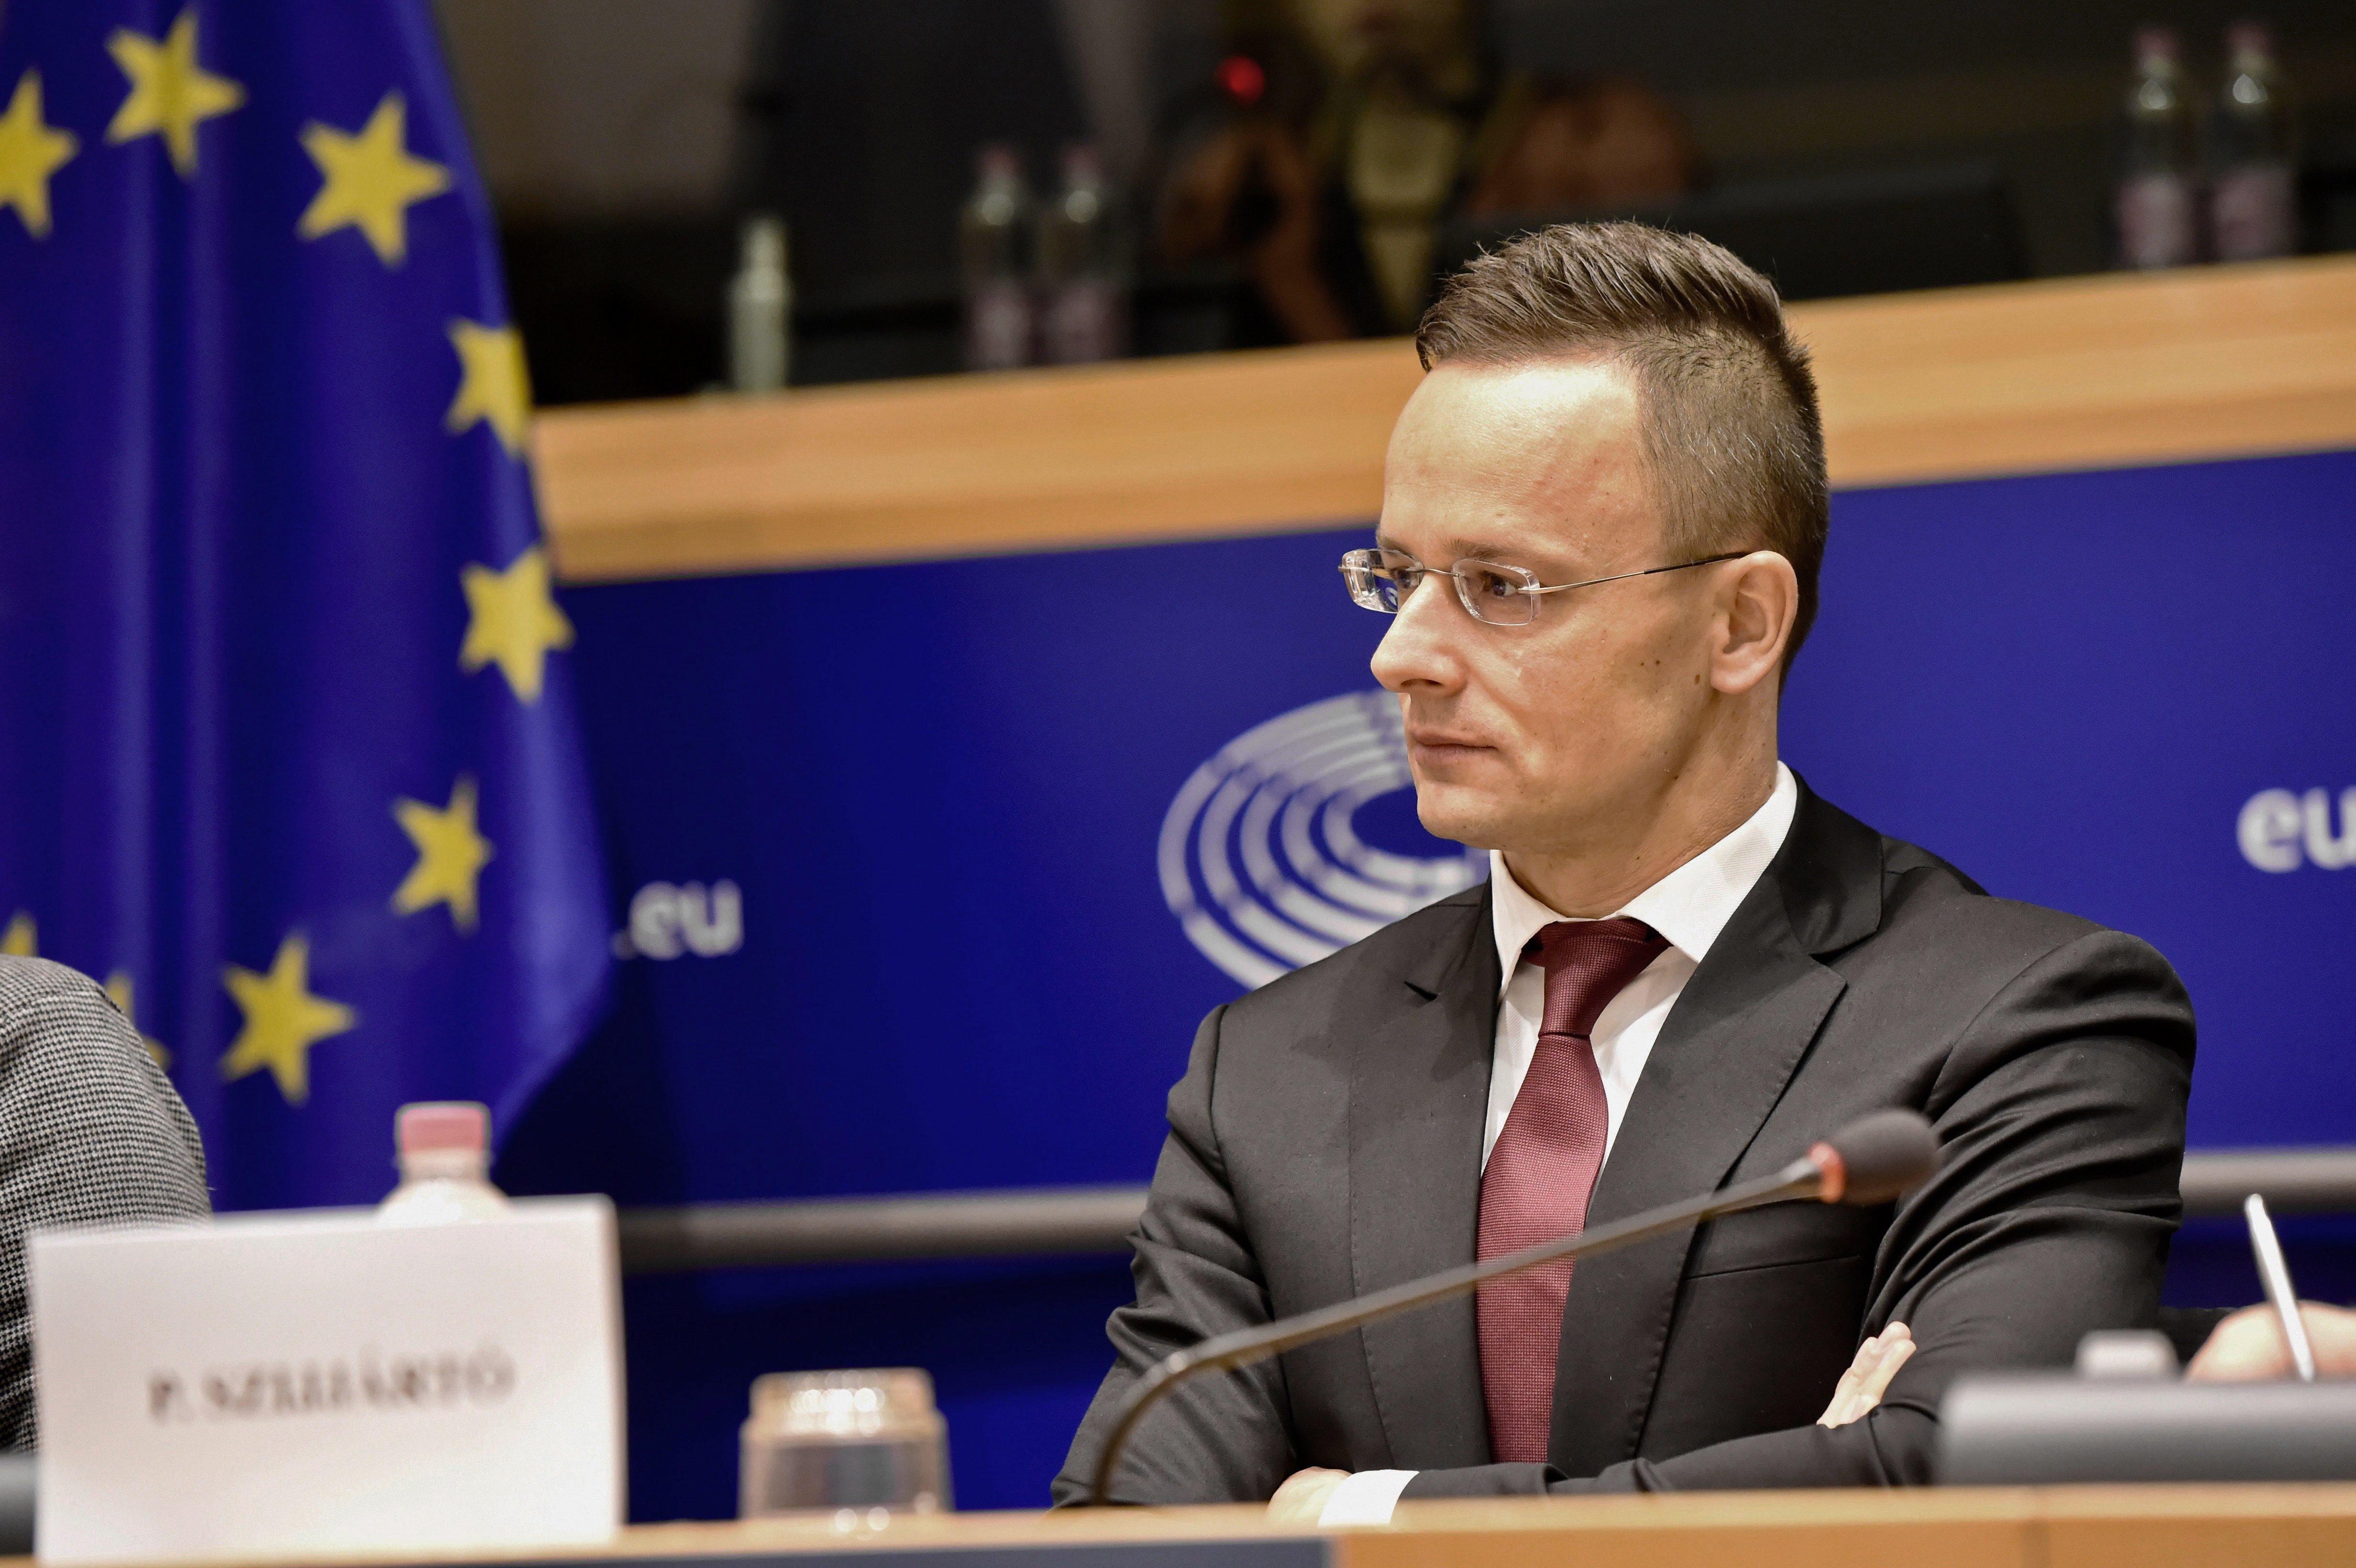 EP-meghallgatás: a Fidesz itthon Soros-vérpadozik, Brüsszelben józan vitát kér